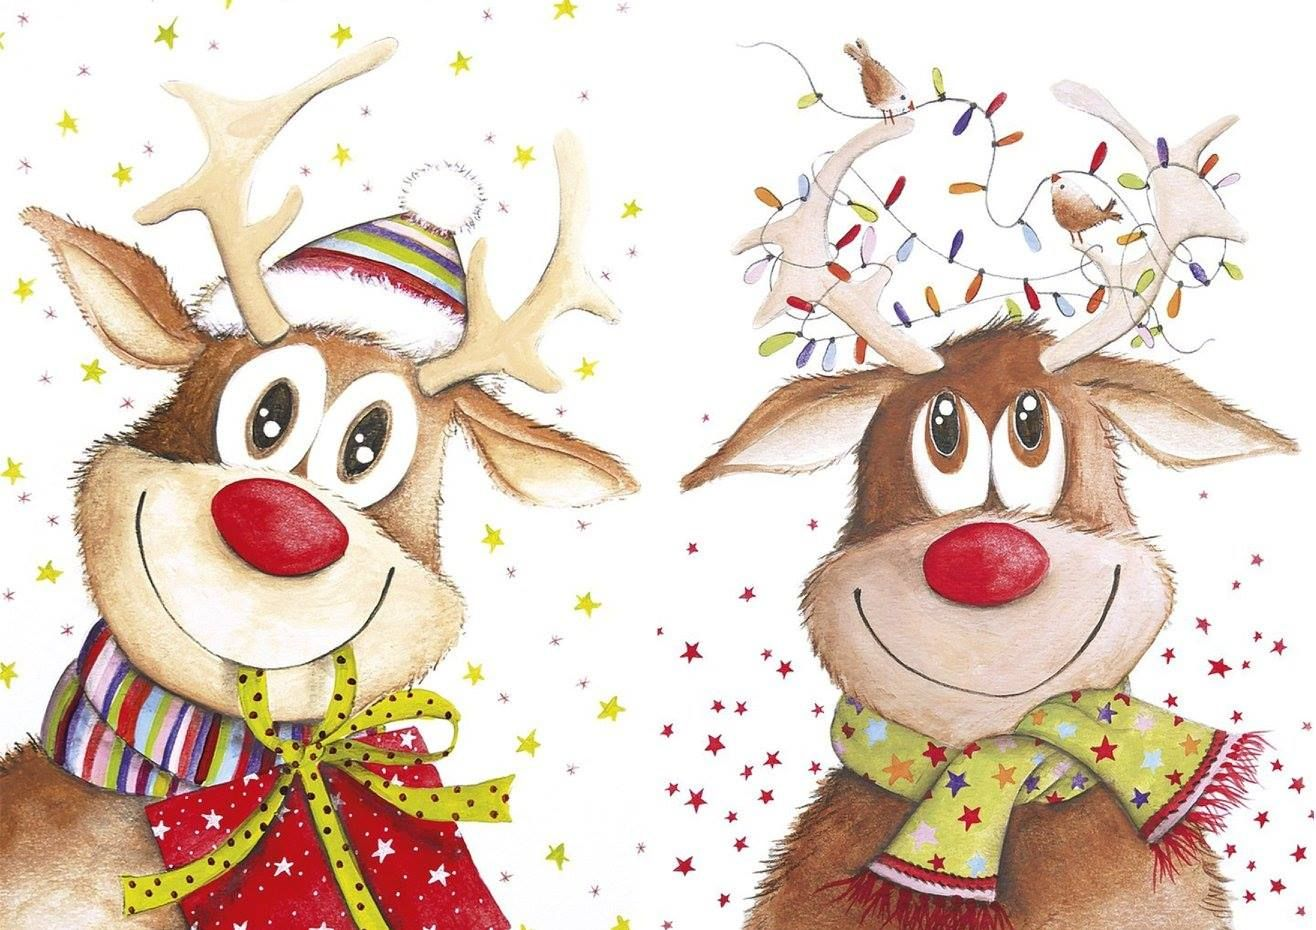 год пасху картинки новогоднего оленя образом